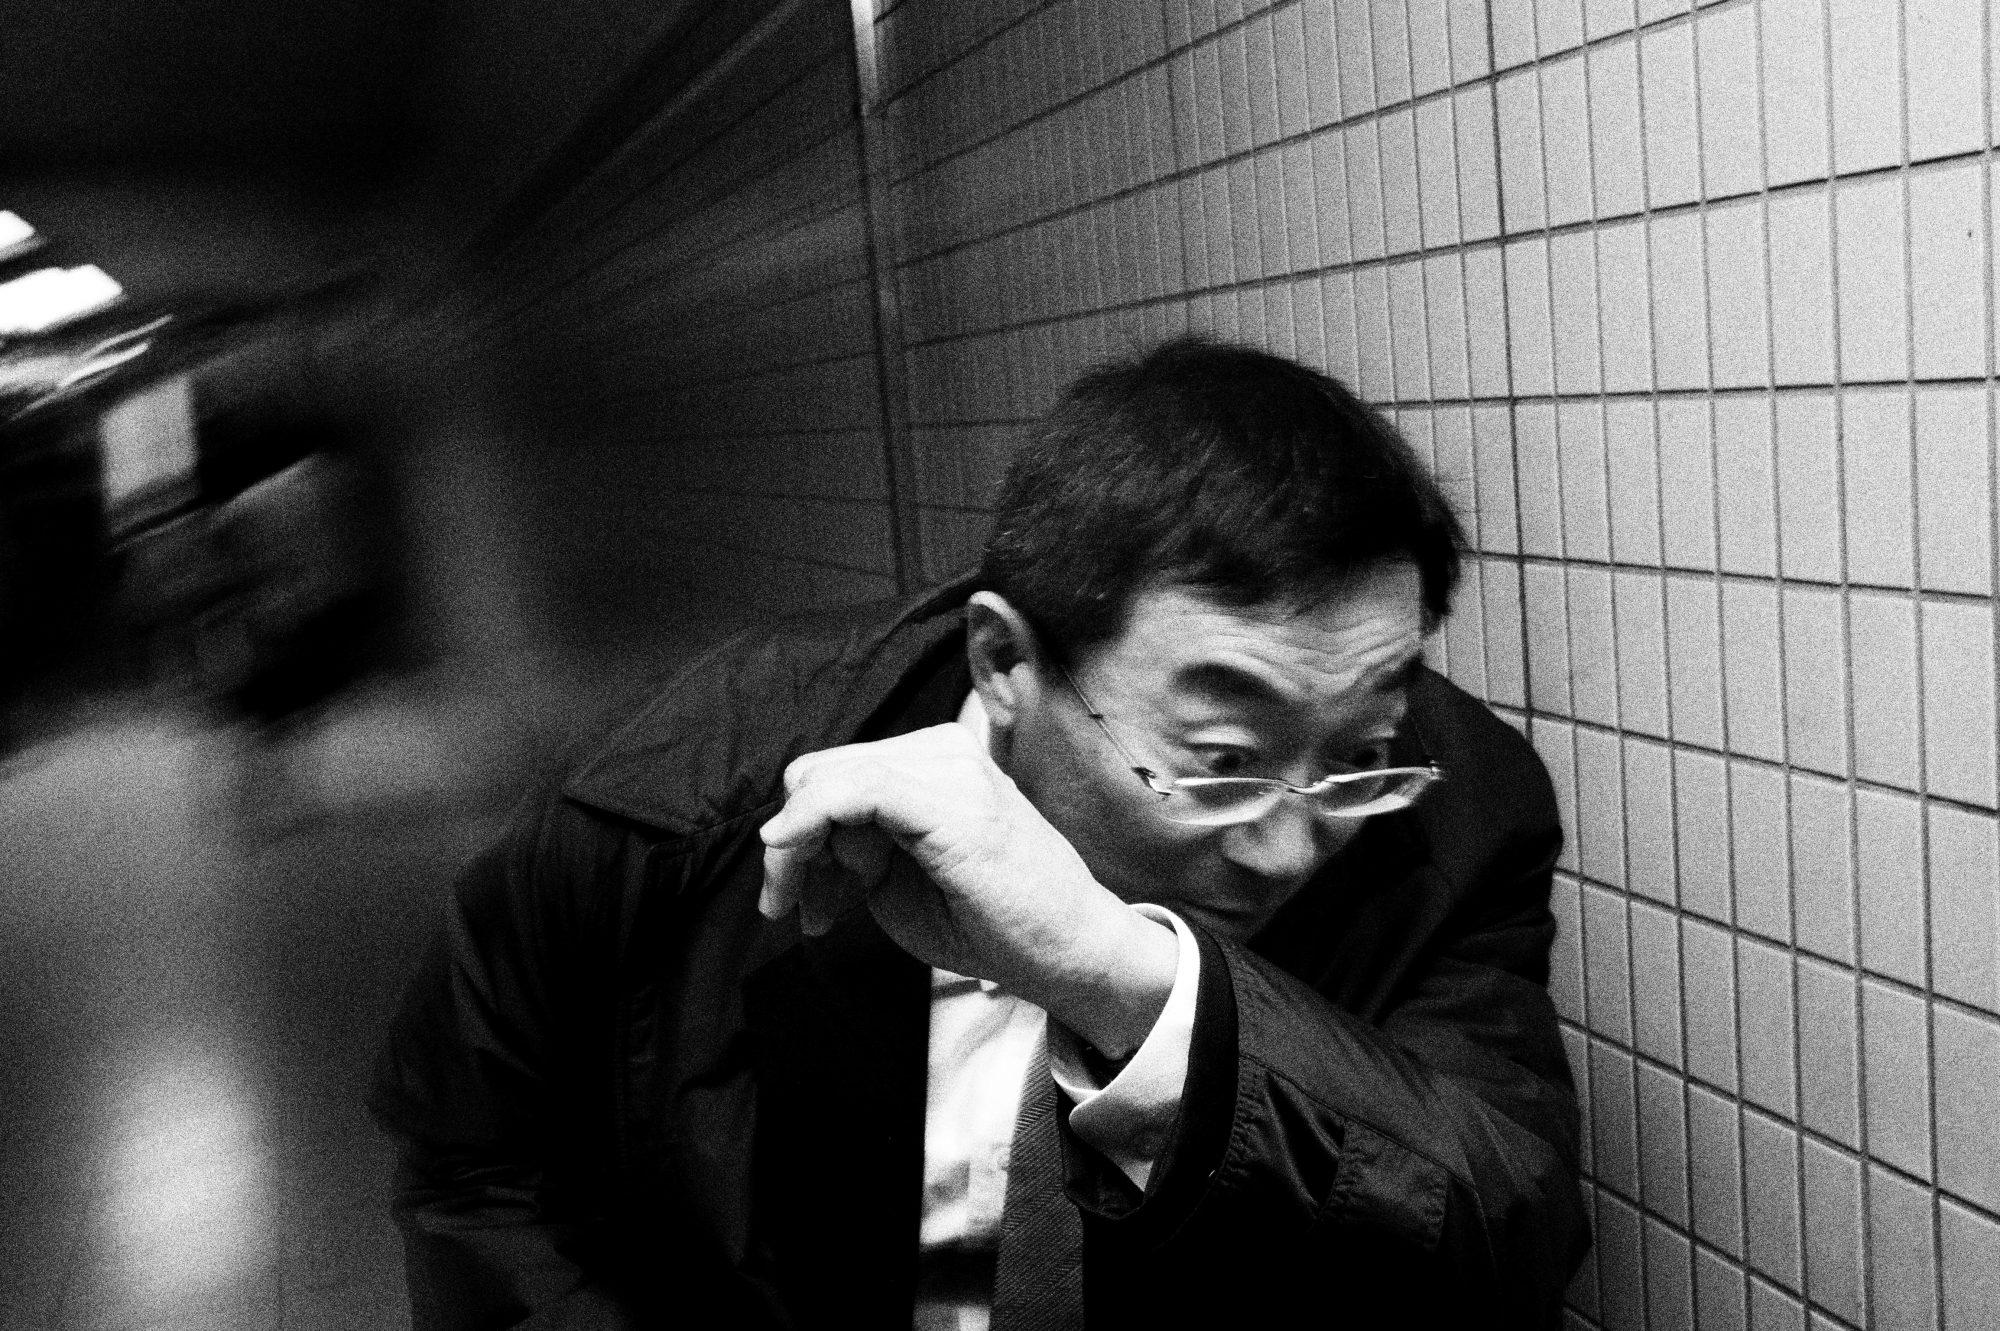 Leica M9, 35mm lens, flash. Tokyo, 2011